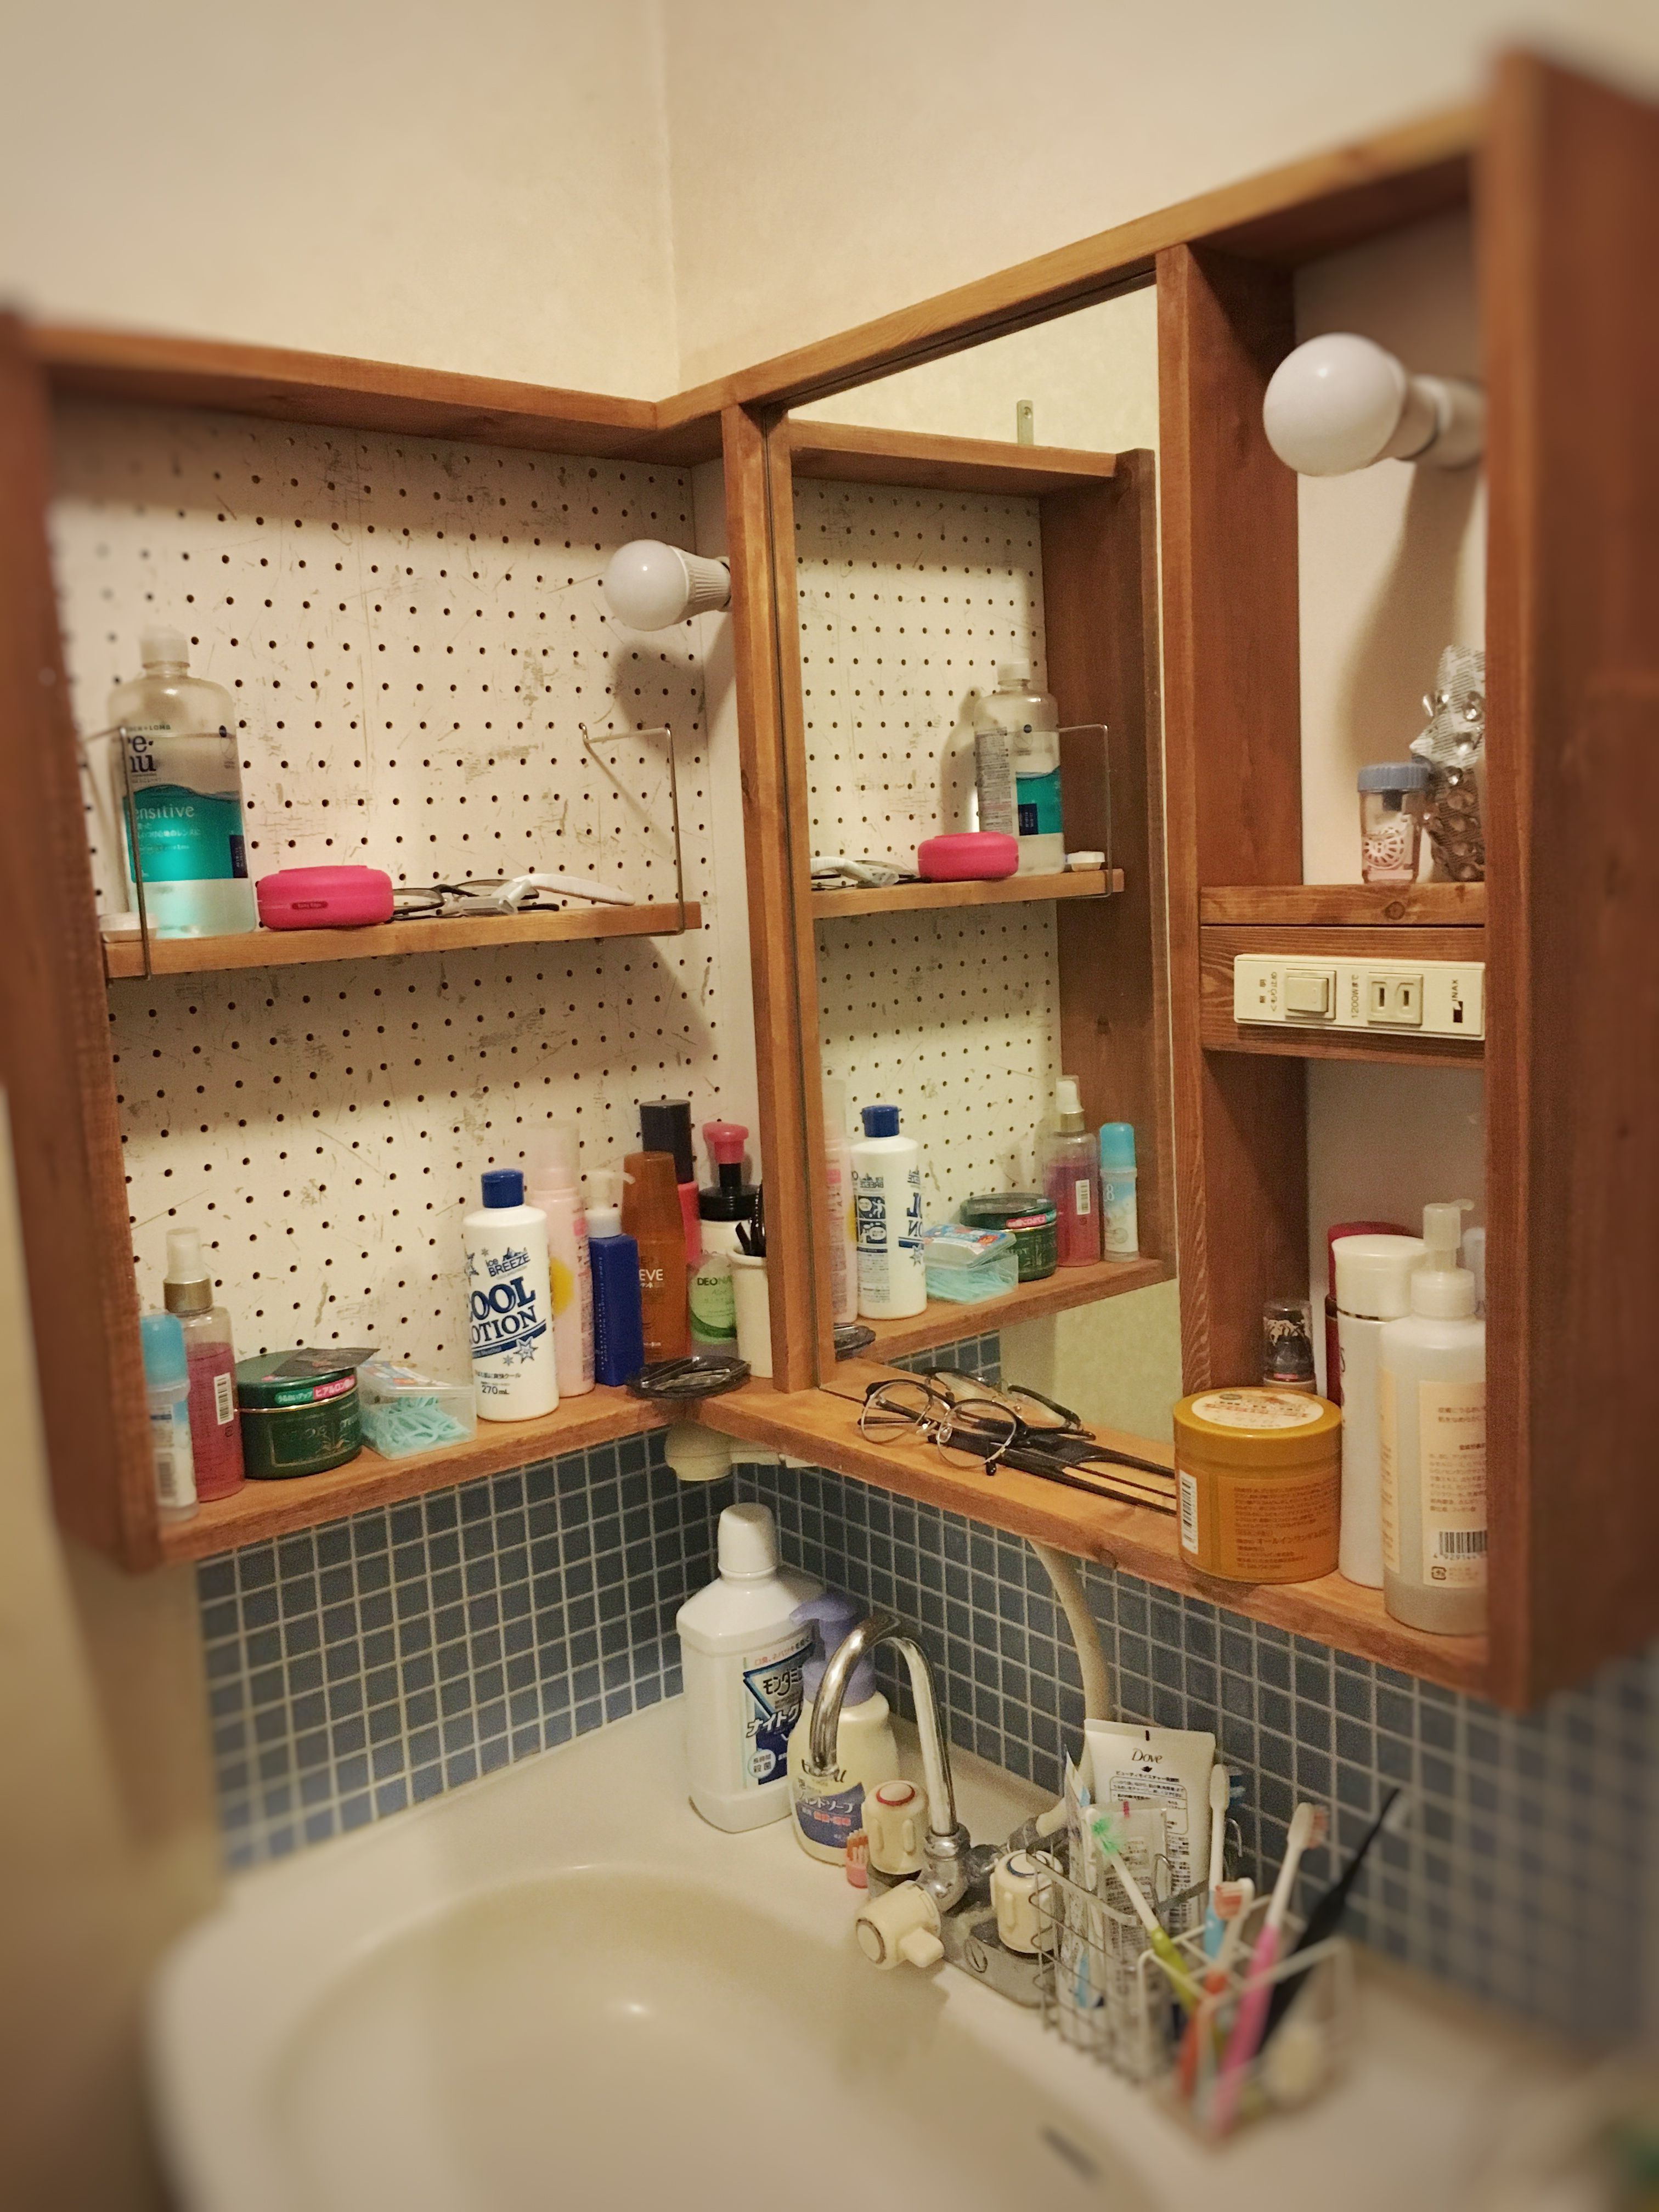 既製の洗面化粧台を取り外して Diyで作ってみましたー タイルを貼ったら大分雰囲気が変わりました 有孔ボードは自由に棚をレイアウトできて便利ですよ Bathroom Medicine Cabinet Cabinet House